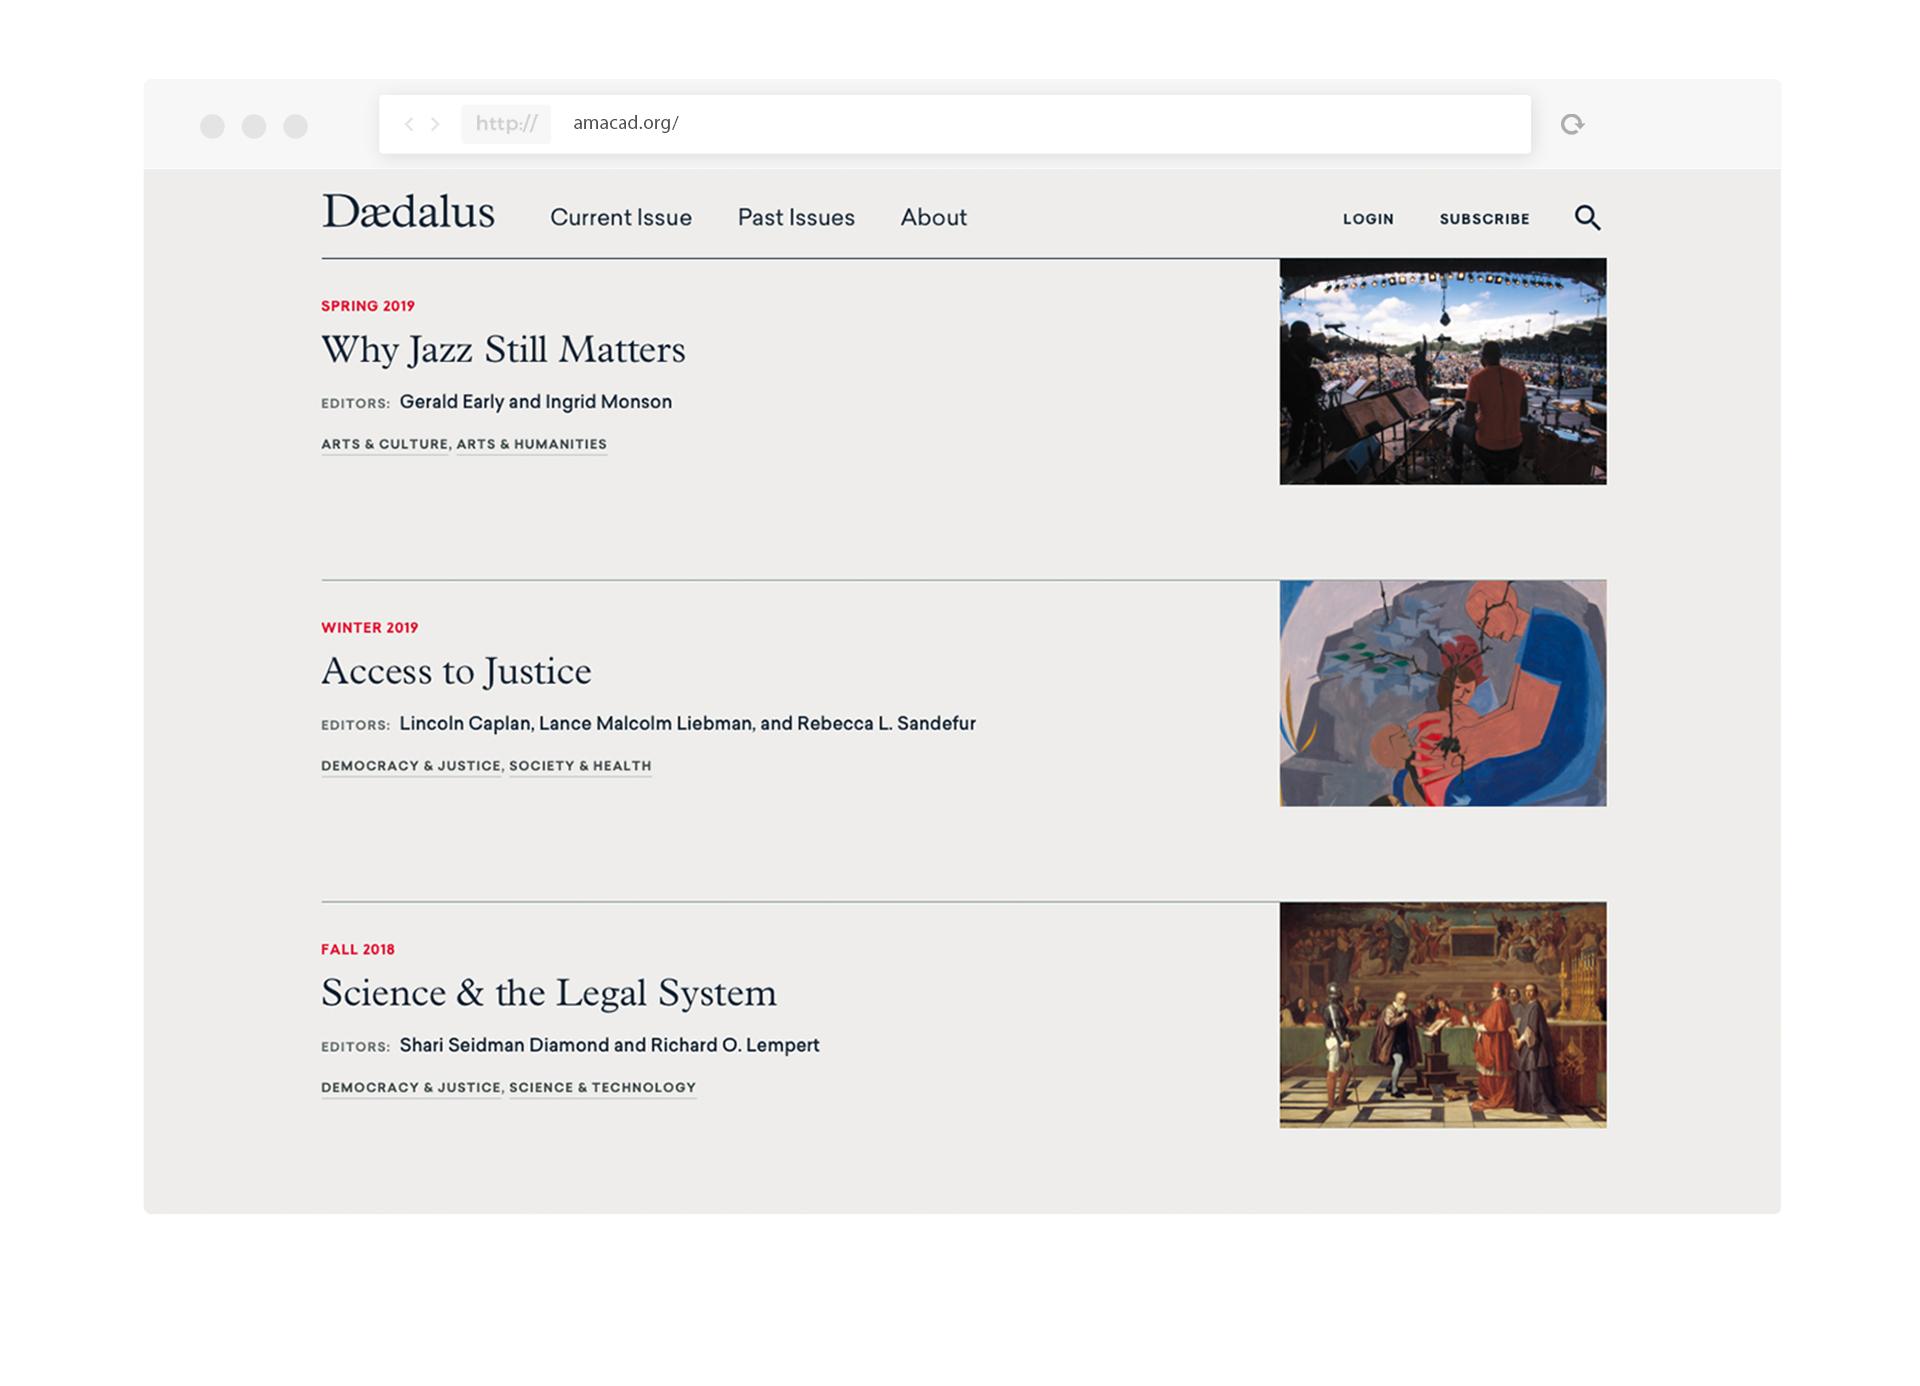 Daedalus_desktop_browse.jpg